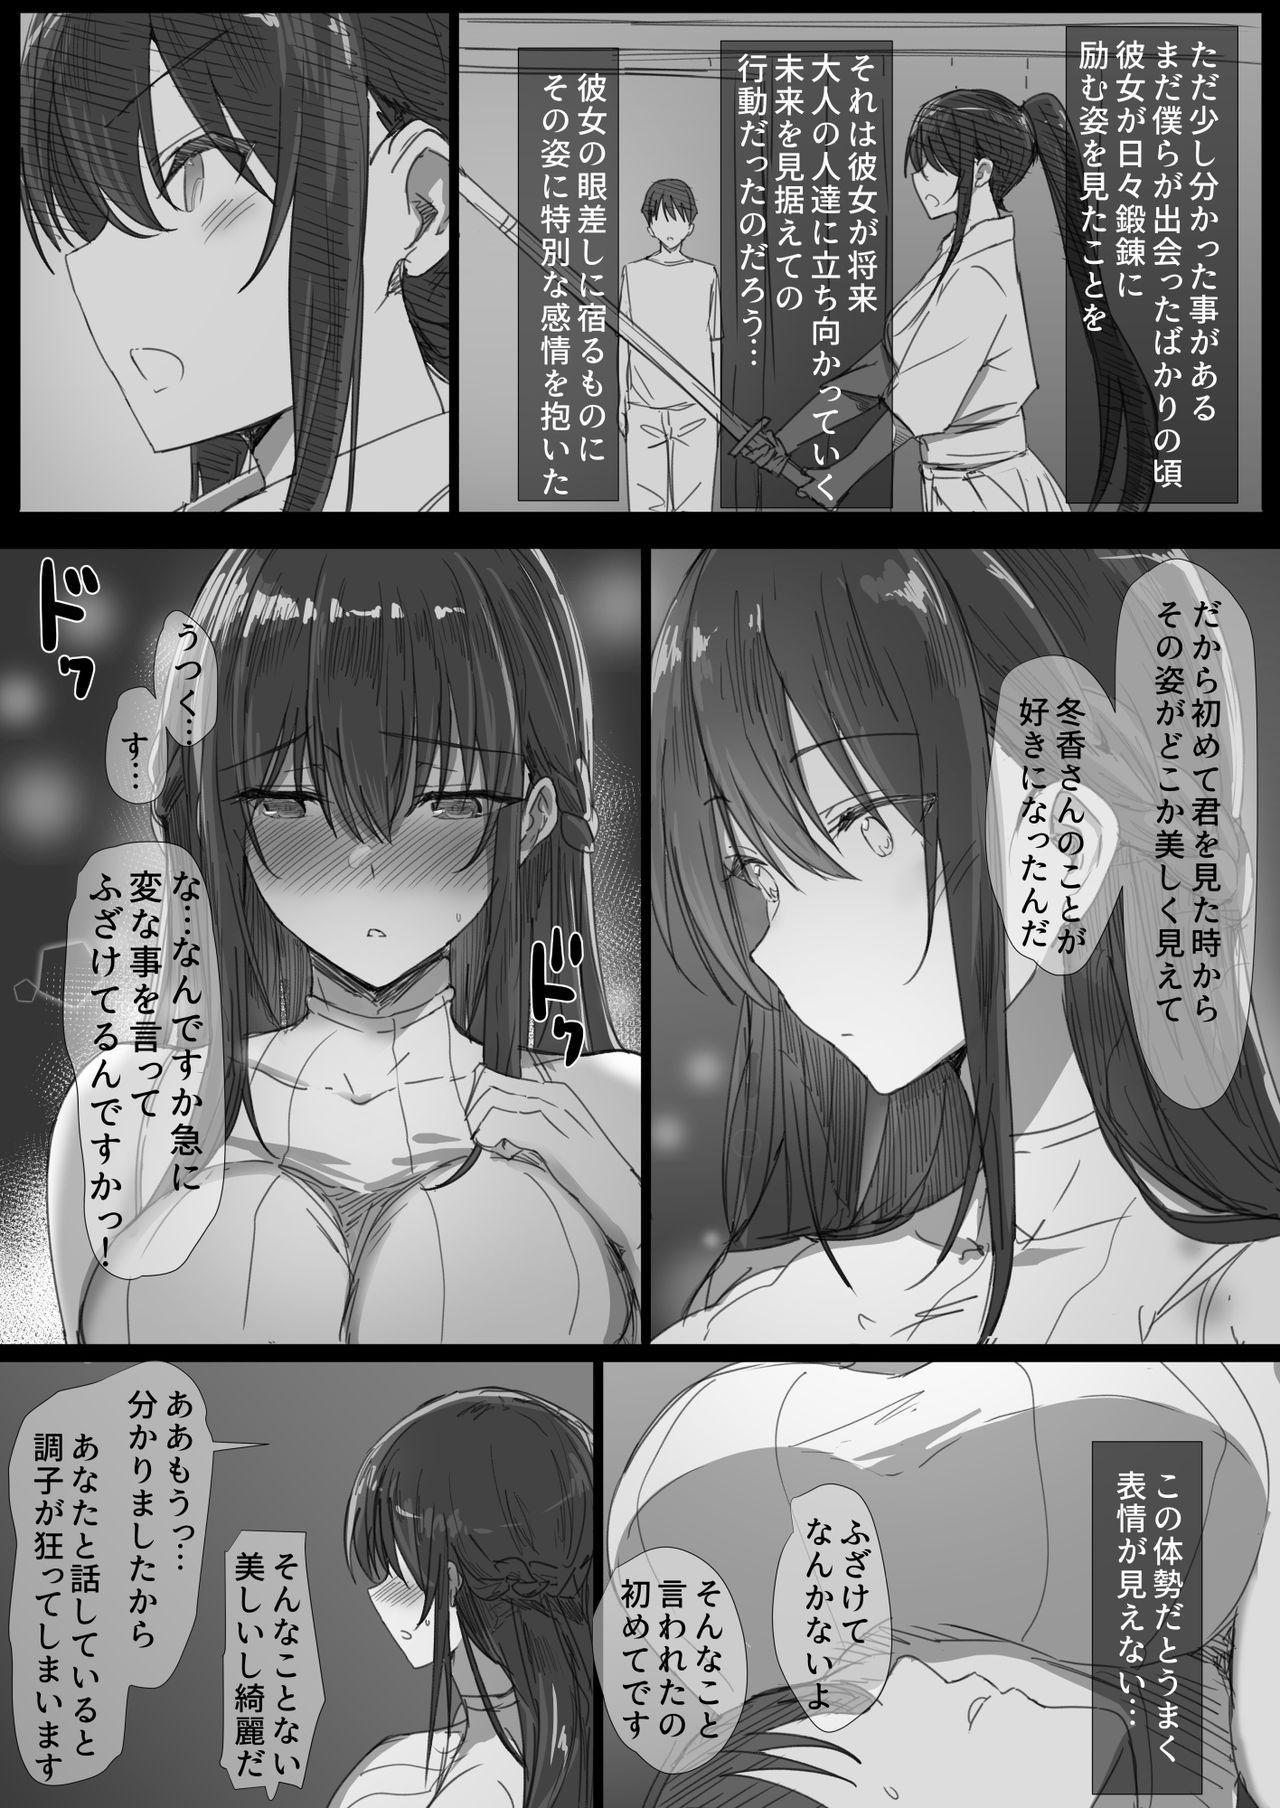 Ki ga Tsuyoi Seiso na Hitozuma Reijou ga Netorareru made no Ichibu Shijuu 8